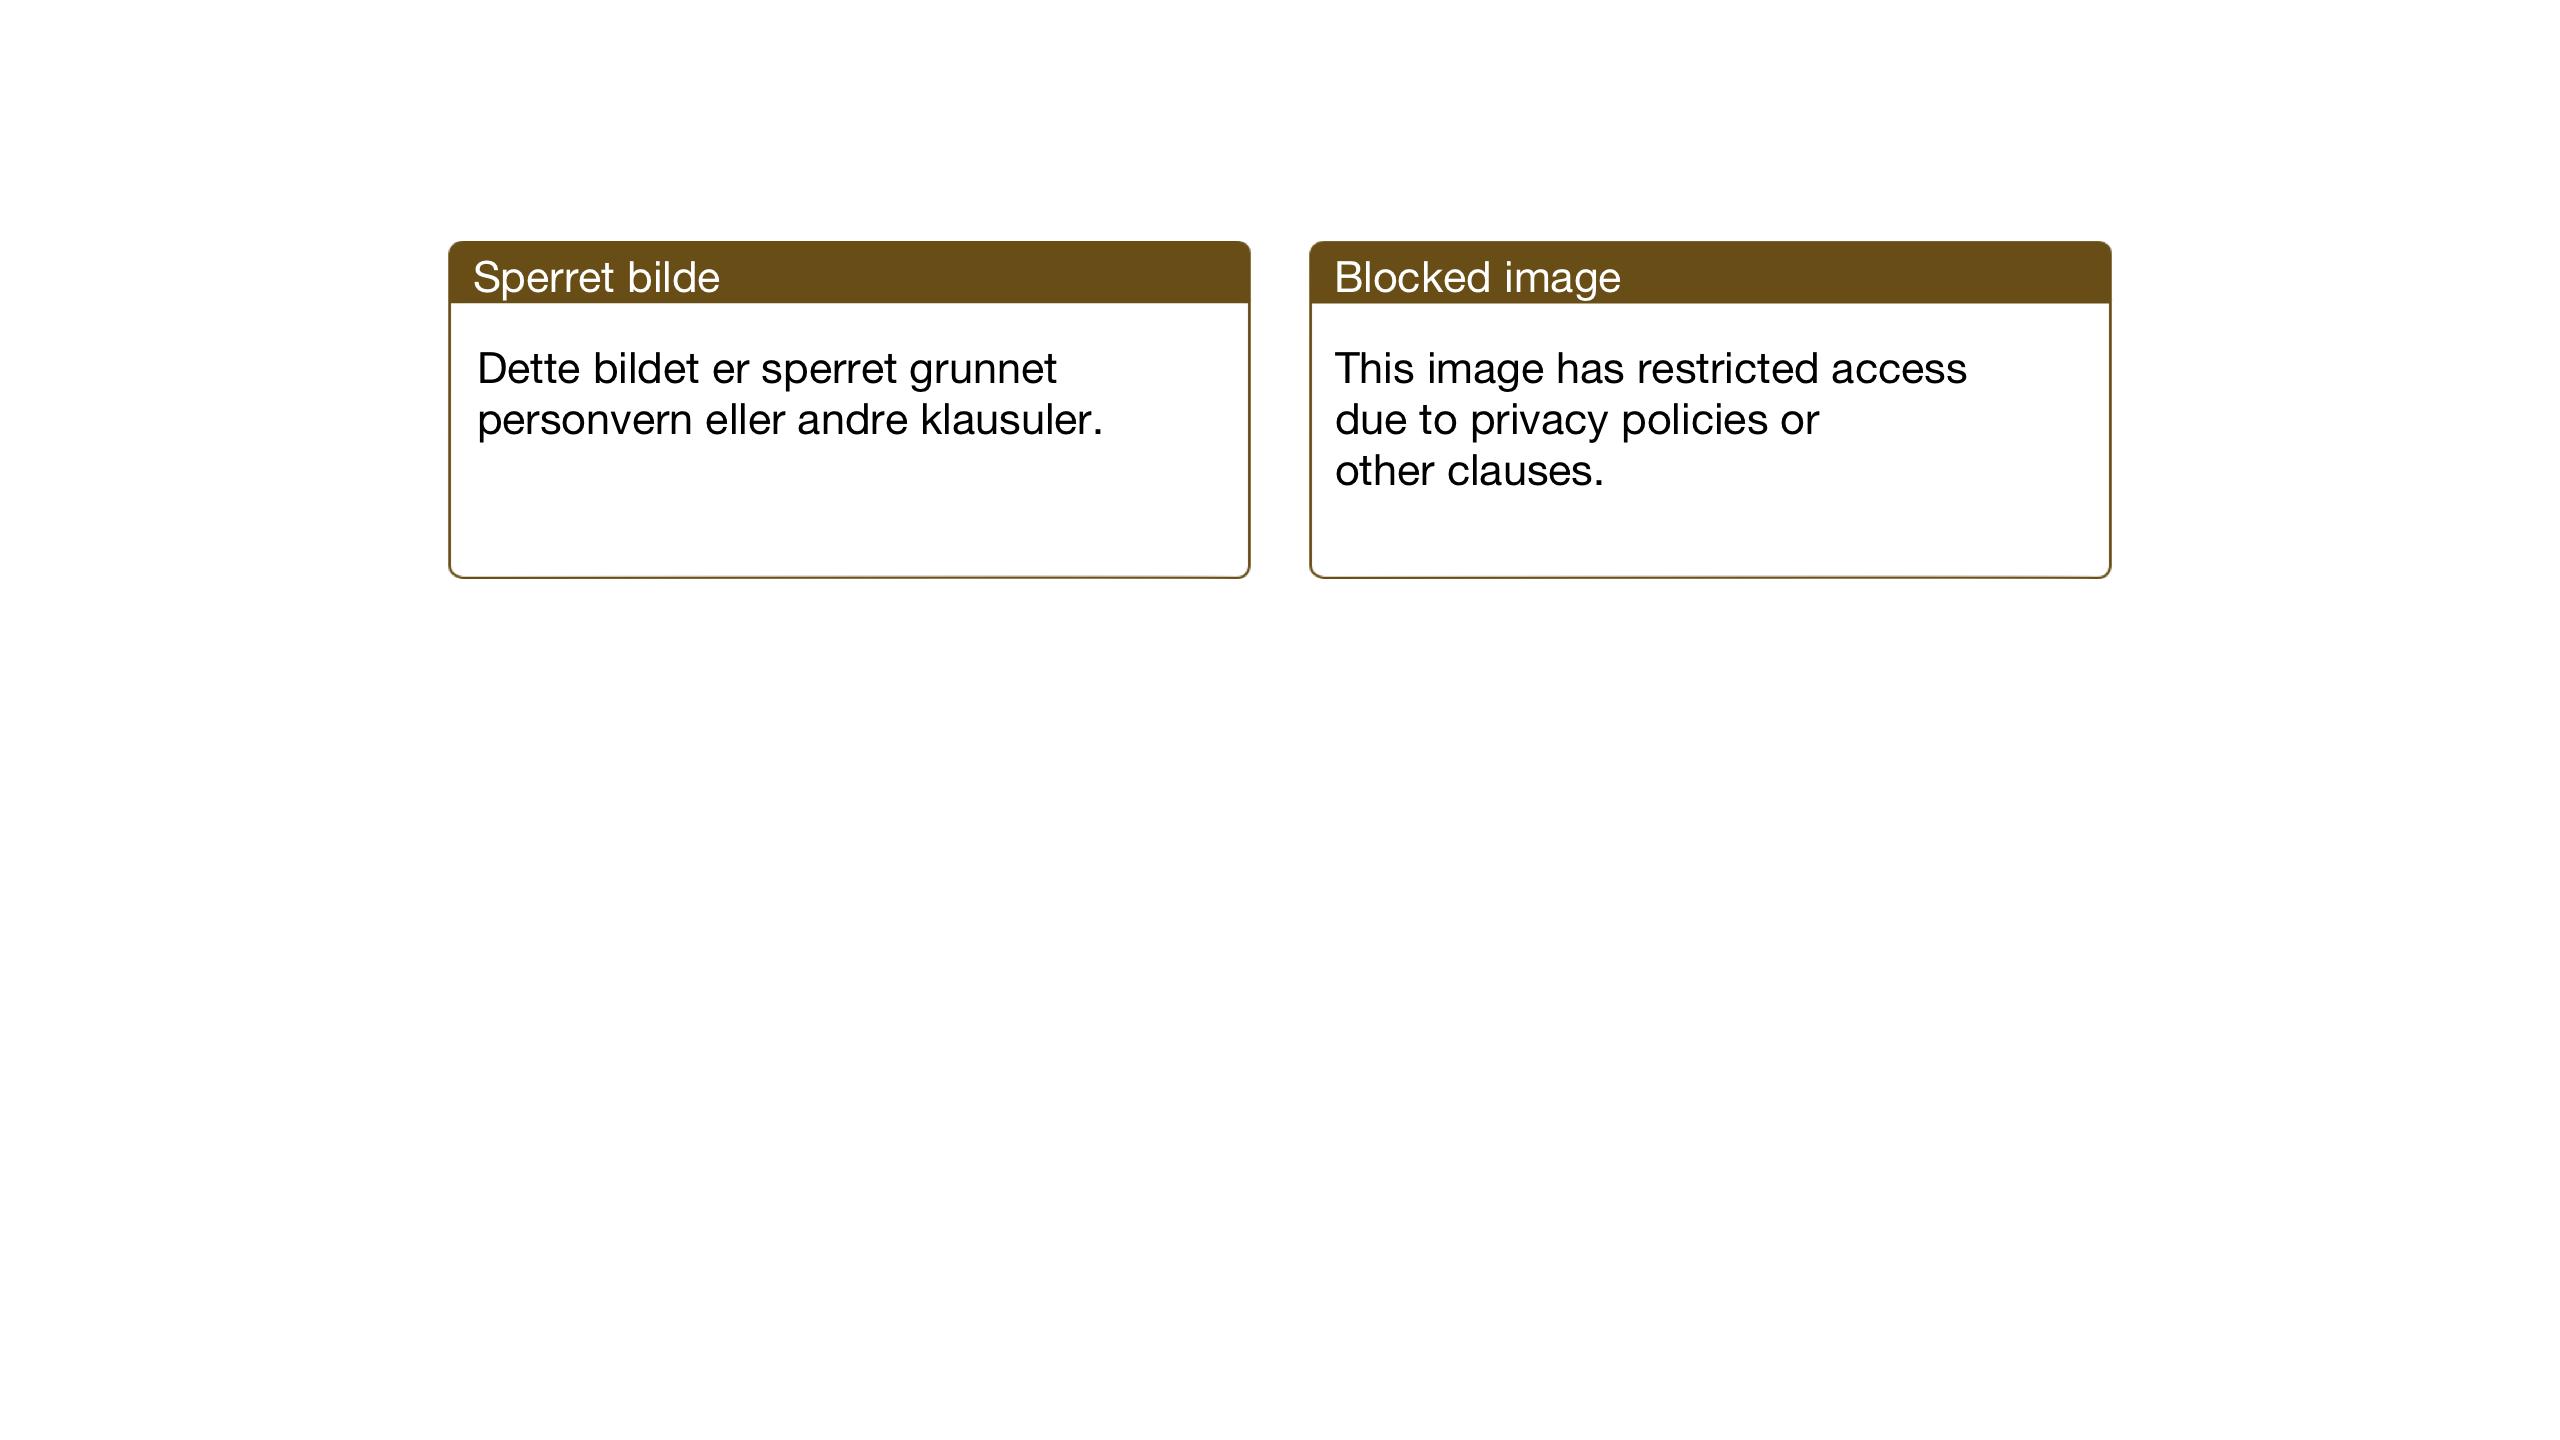 SAT, Ministerialprotokoller, klokkerbøker og fødselsregistre - Sør-Trøndelag, 640/L0590: Klokkerbok nr. 640C07, 1935-1948, s. 127